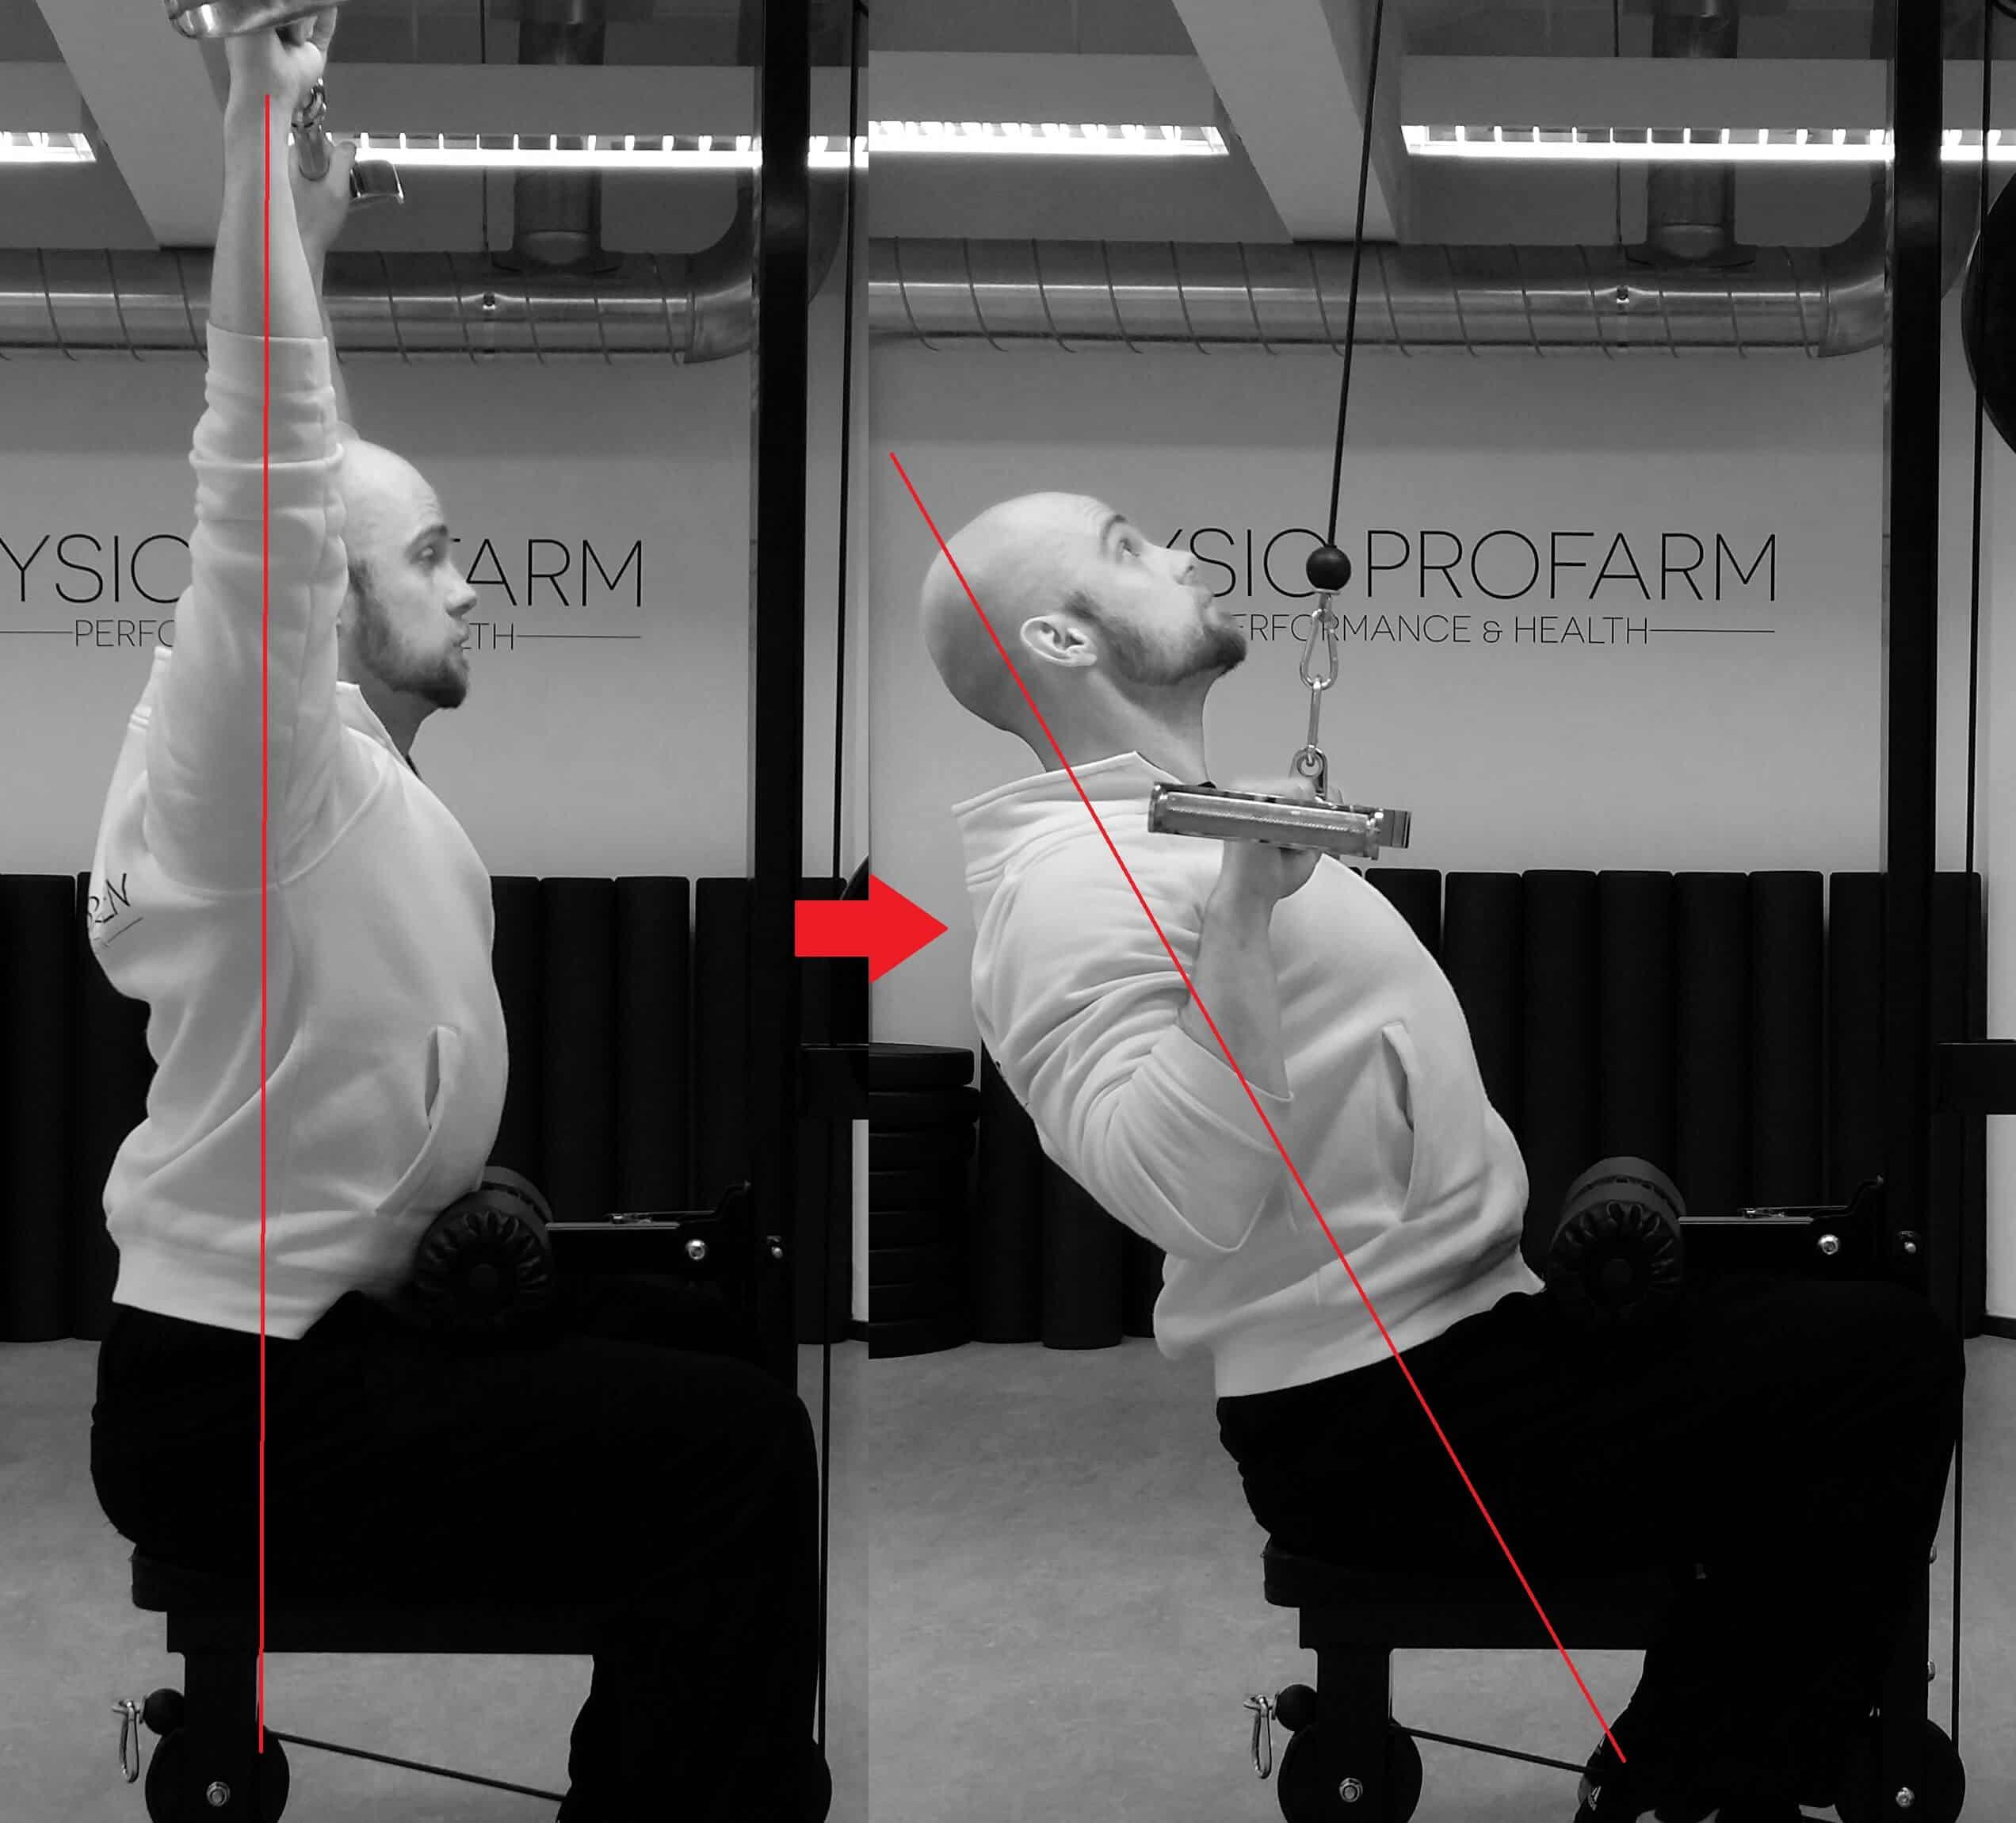 Yläveto, ylävartalon dynaaminen liike